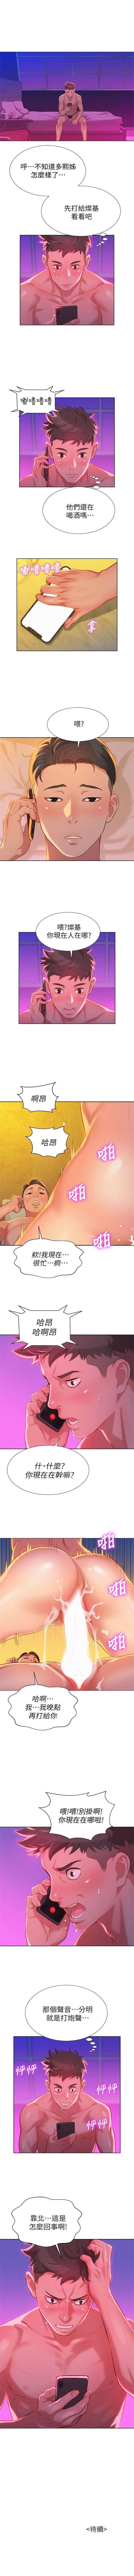 (周7)漂亮干姐姐  1-81 中文翻译 (更新中) 39